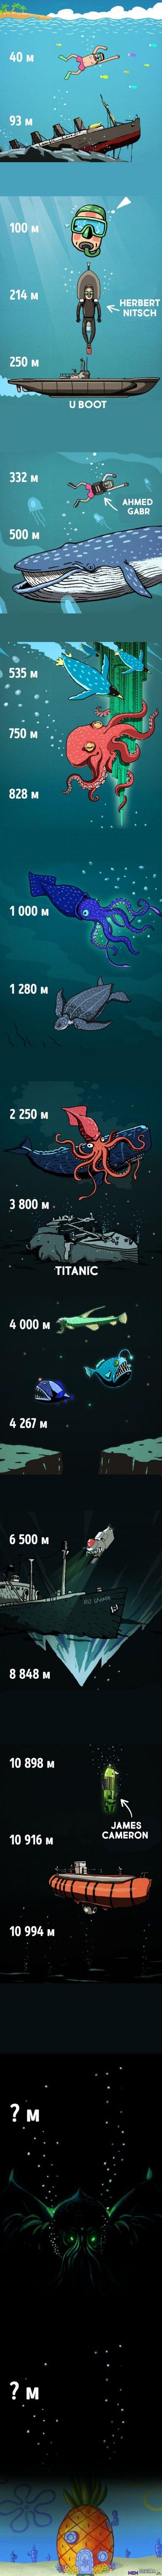 Na jakiej głębokości znajdują się poszczególne obiekty